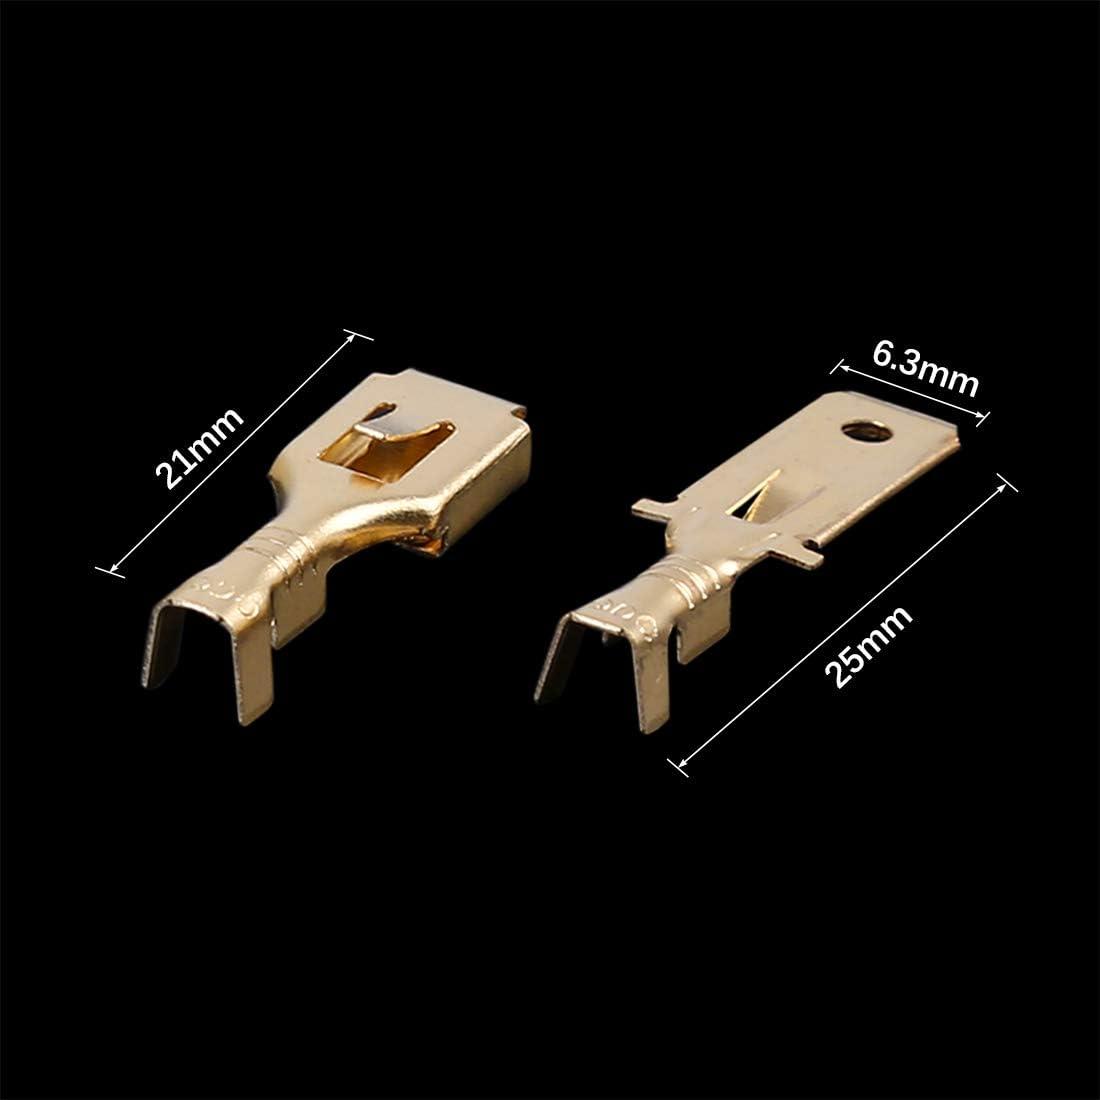 X AUTOHAUX 8 Conjuntos De Conectores De Cable El/éctrico De Veh/ículo De 3 Pines Carcasa Terminal Macho Hembra